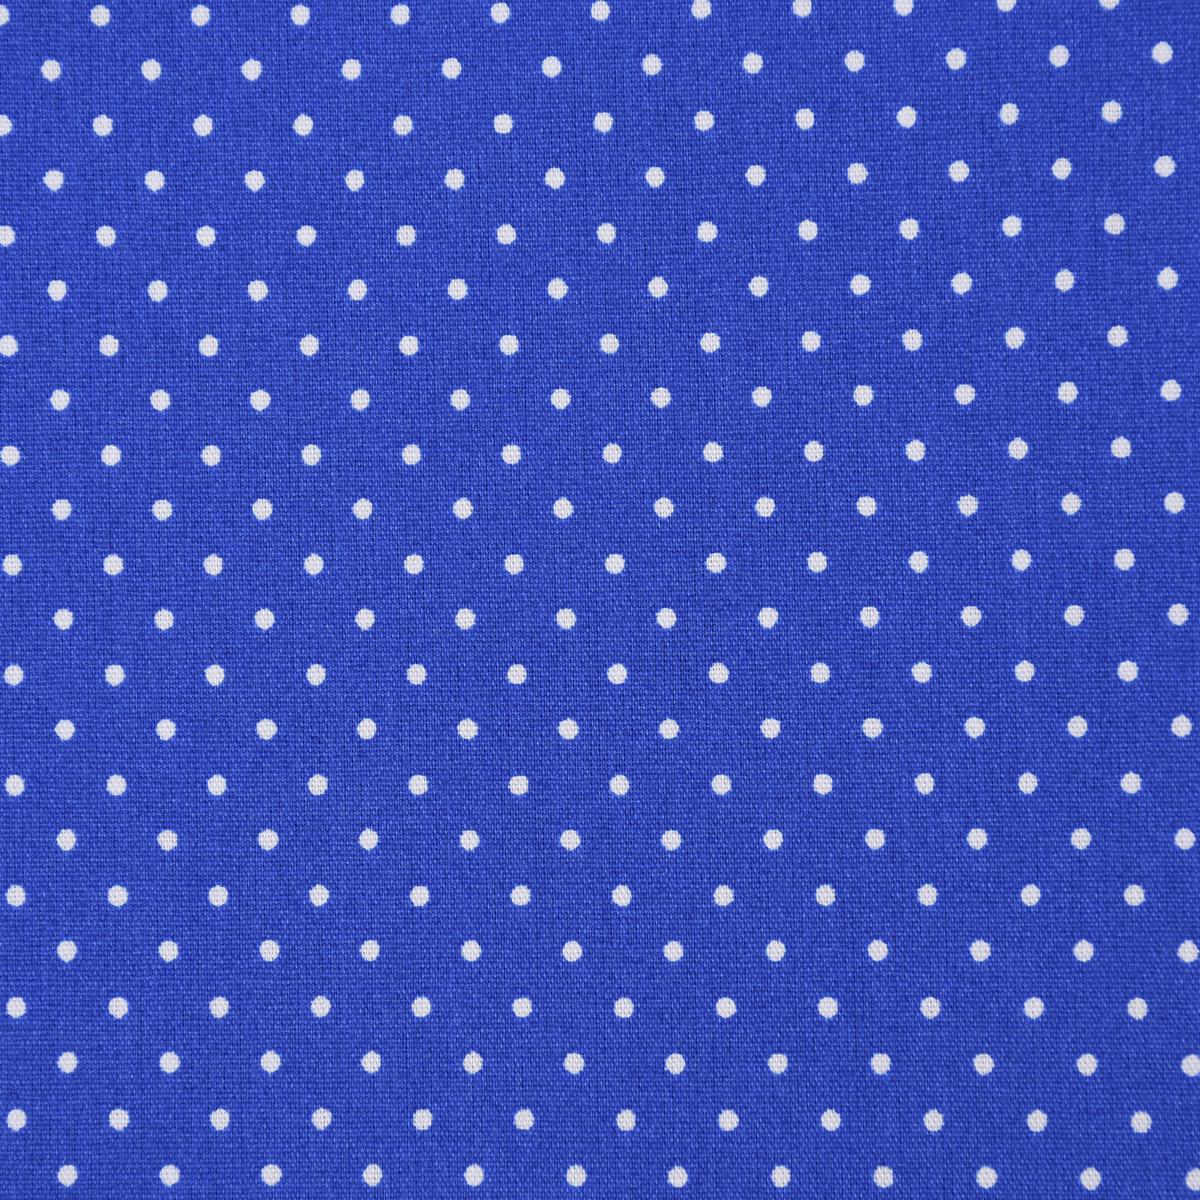 Baumwollstoff Punkte klein Ø 2mm königsblau weiß